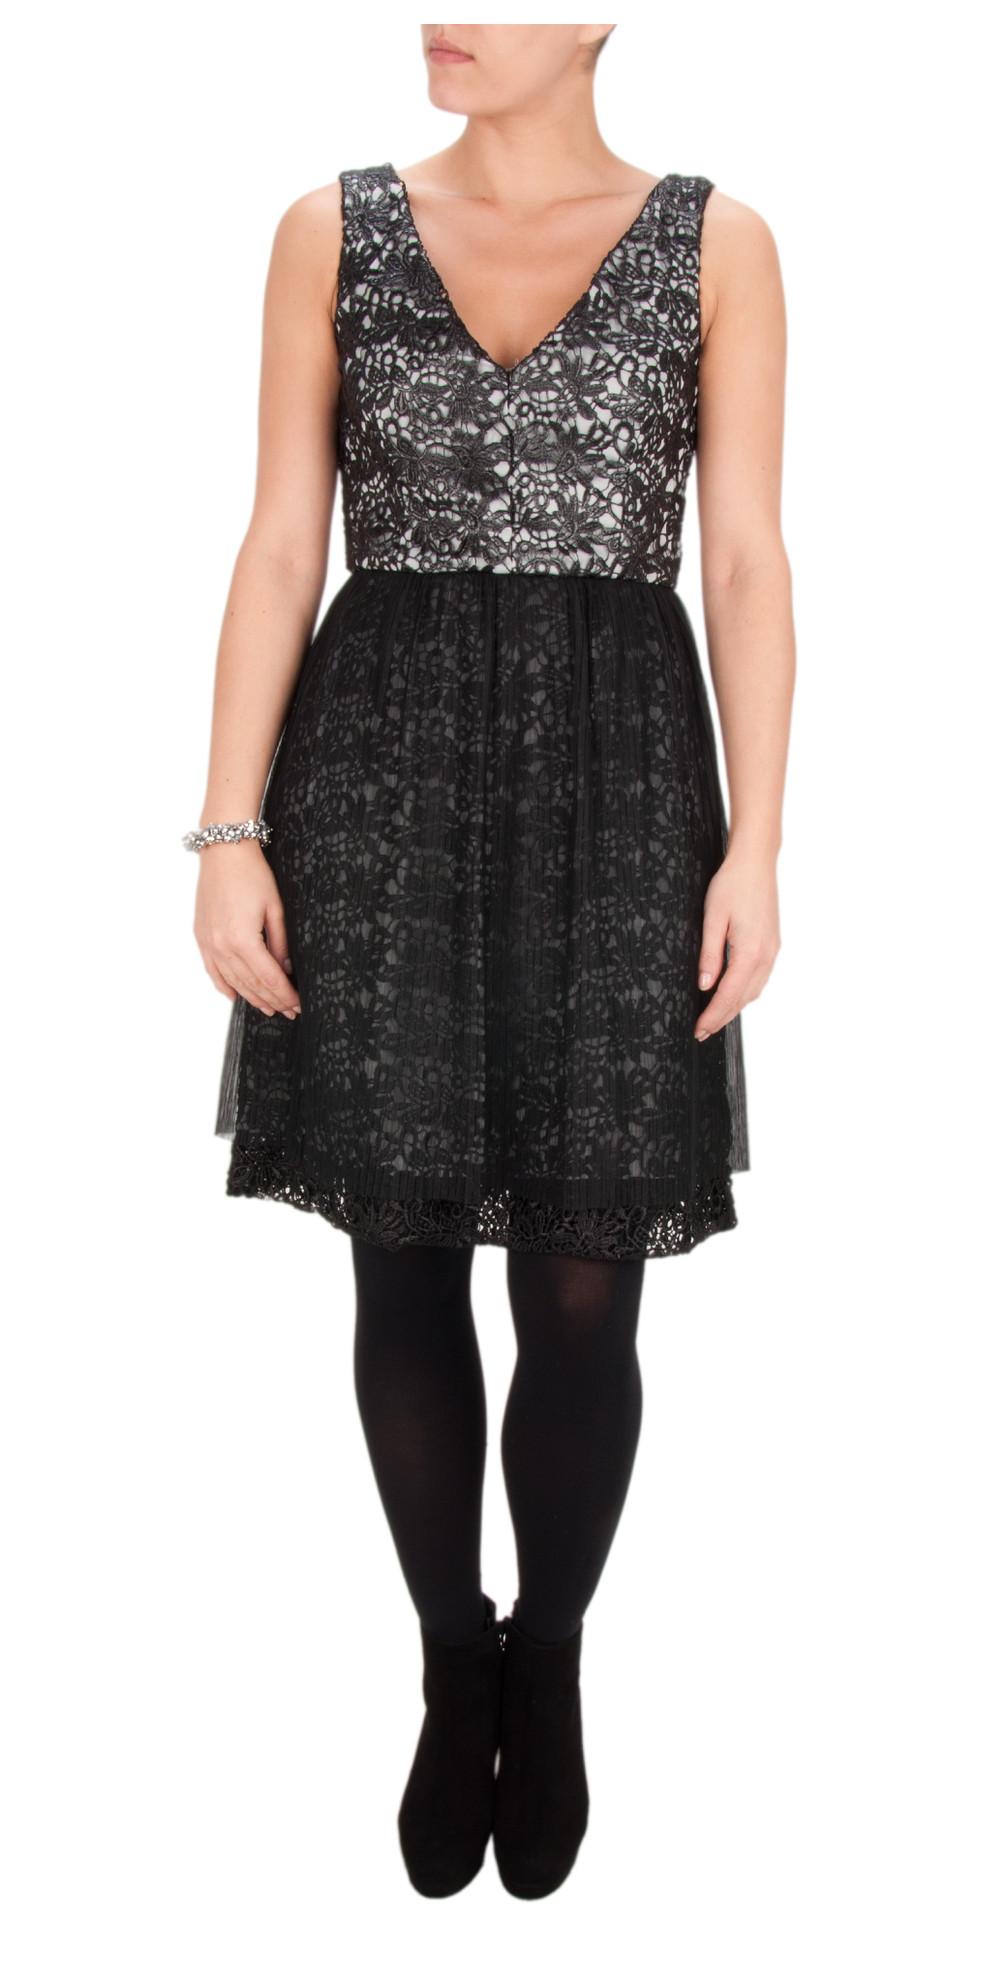 Glazed Lace Sleeveless Dress main image